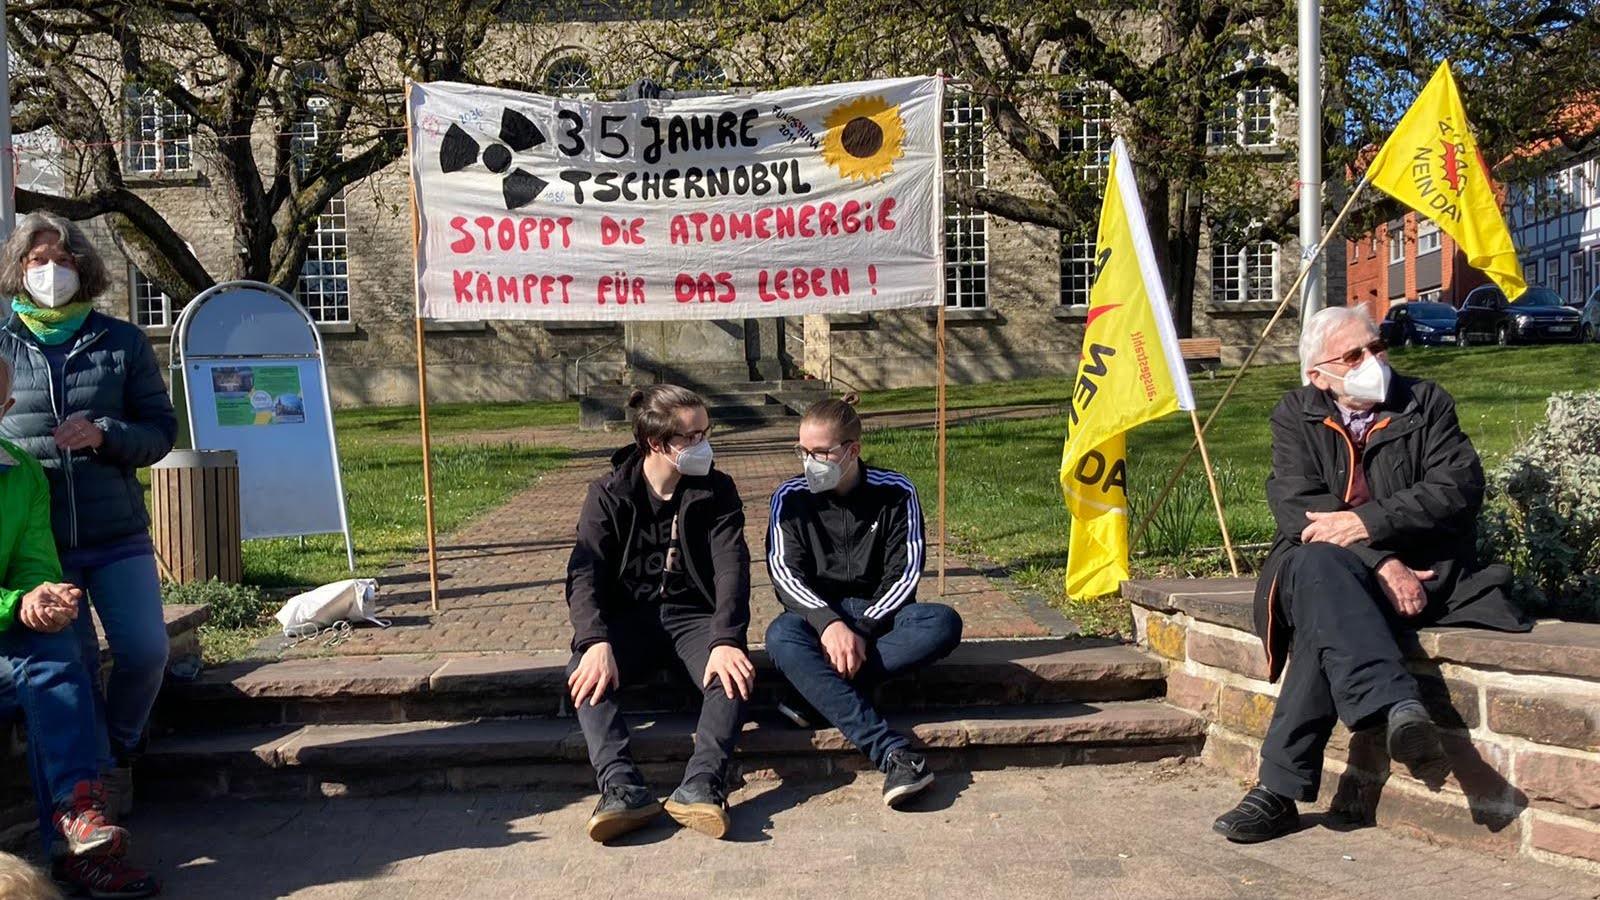 Mahnwache: 35 Jahre nach Tschernobyl und 10 Jahre nach Fukushima